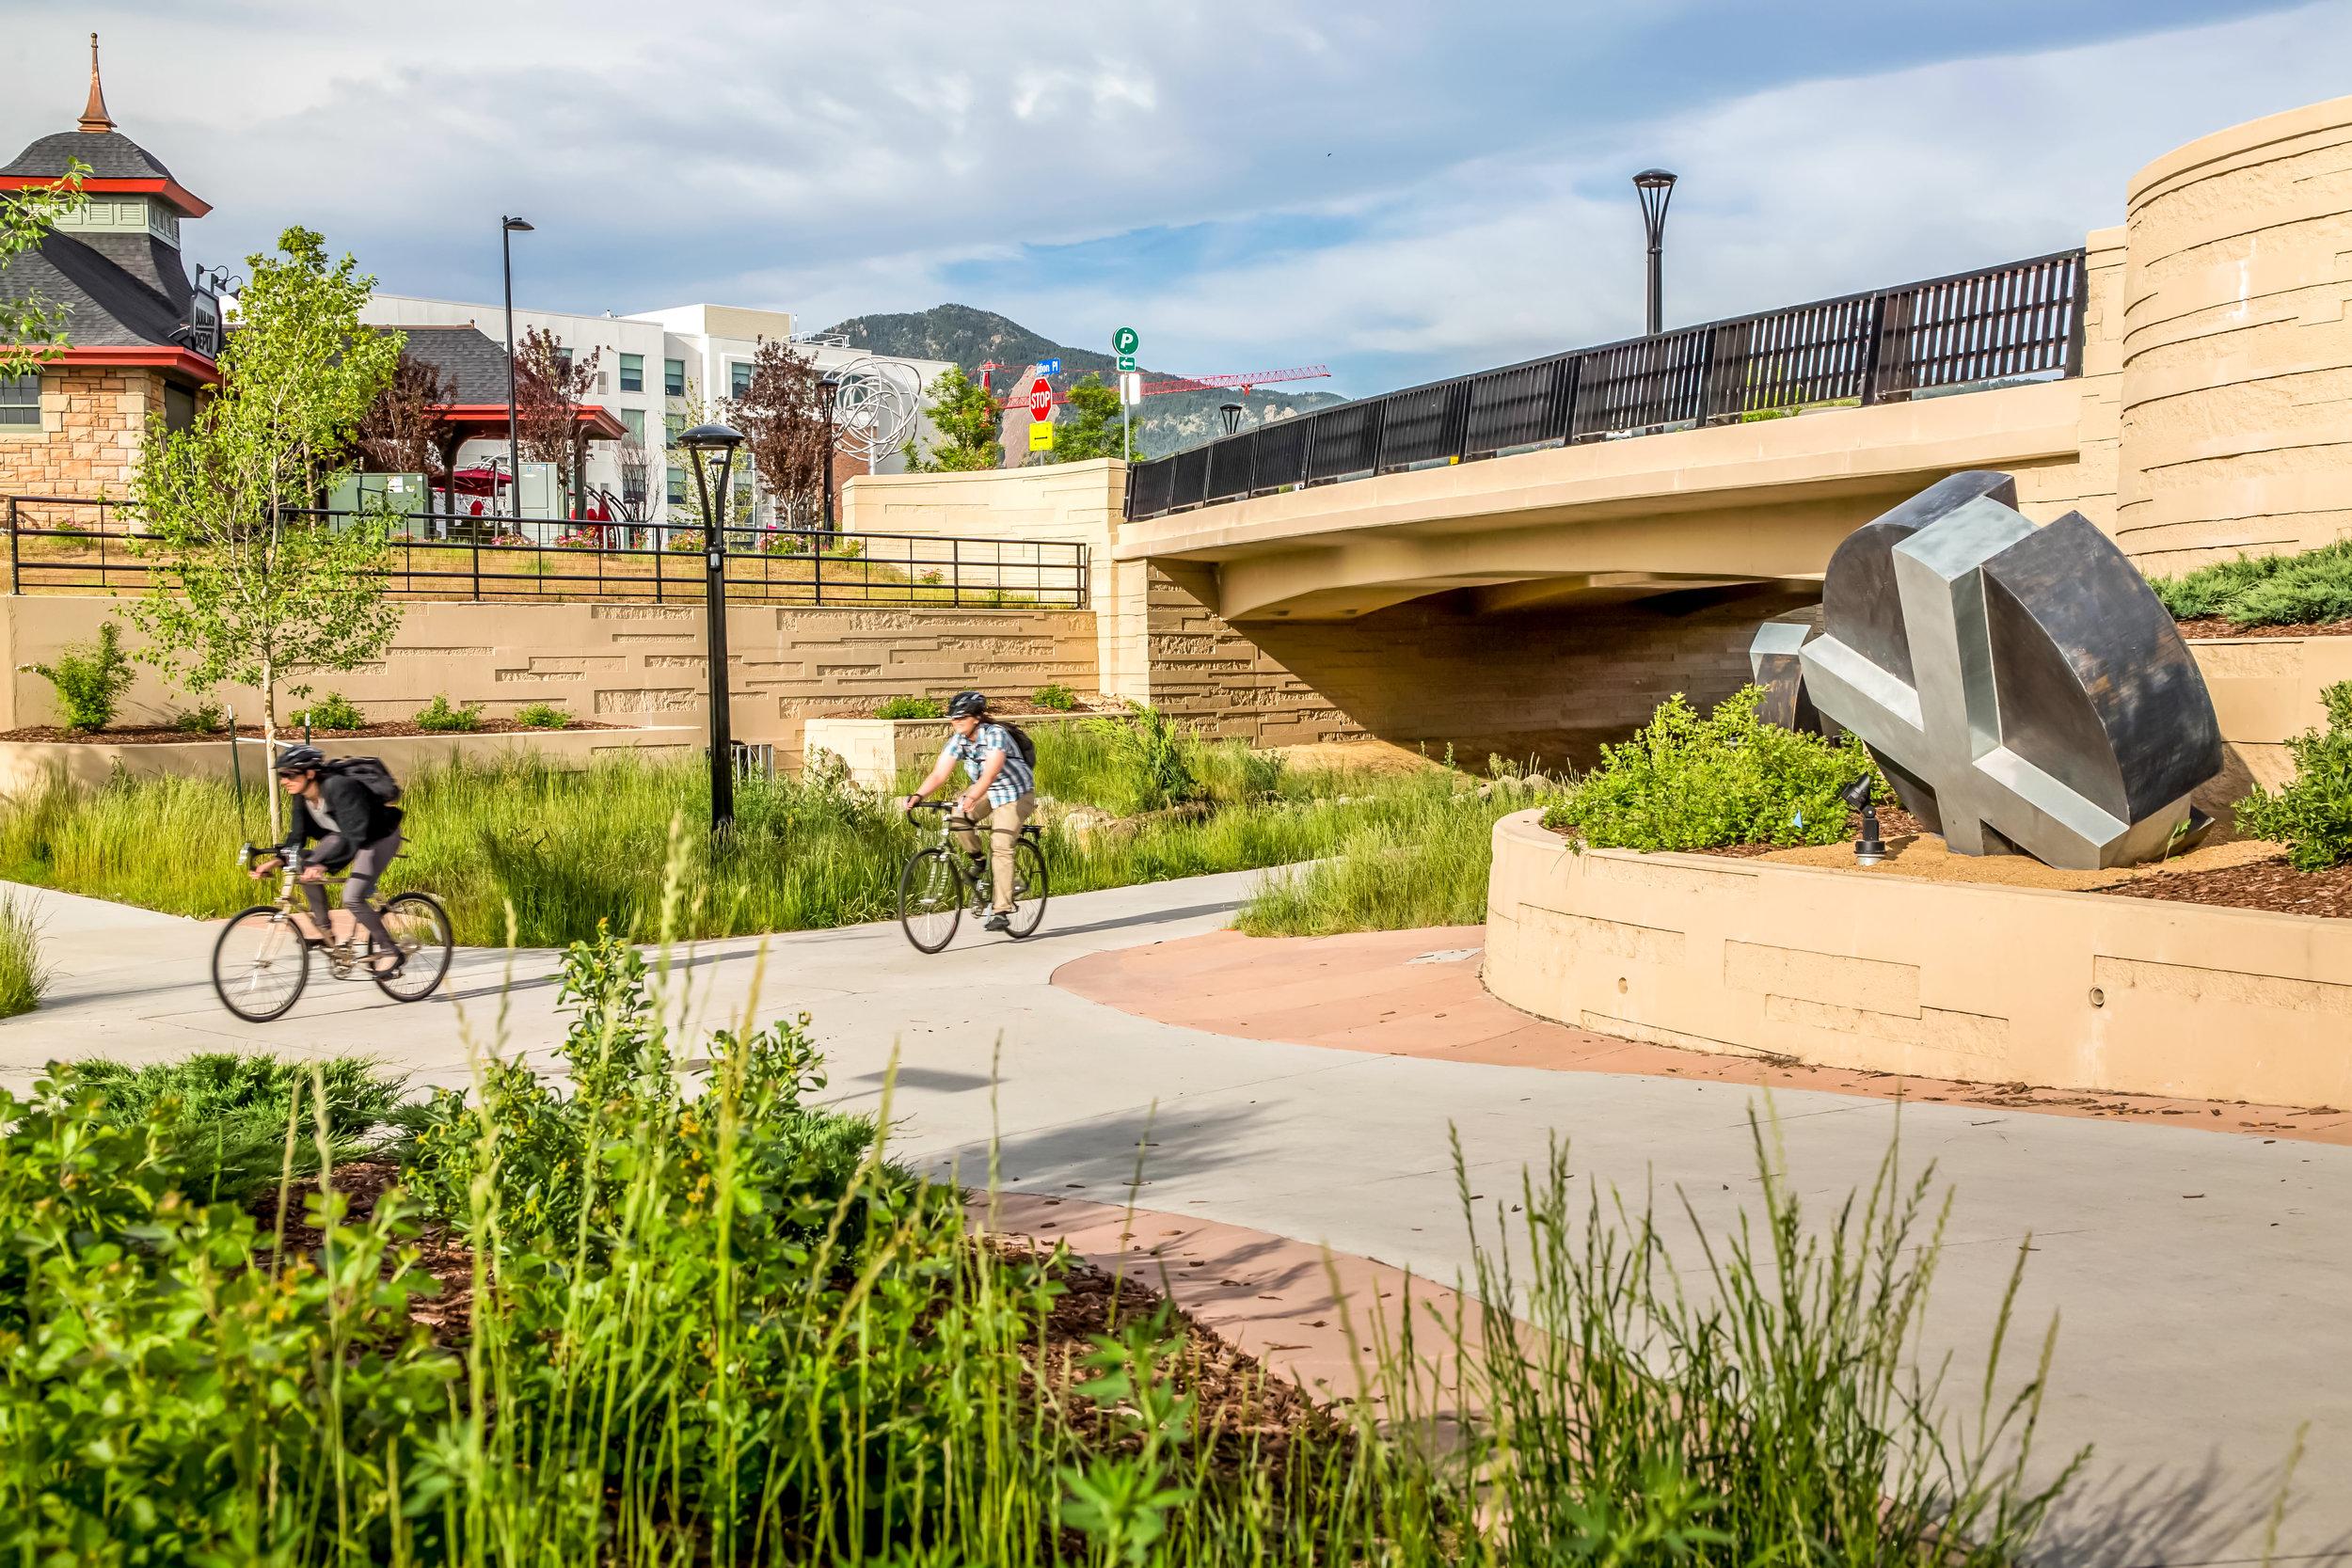 """<img src="""" studioINSITE_Boulder_Junction_Place_Greenway_2 bikers """"alt=""""Boulder, Junction Place, Bike Trails, Transite Depot, Bridge, Streetscape, Greenway, Landscape Art, Art, Public Outreach, Landscape Architecture, Urban Design  title=""""Boulder Junction Place  """"/>"""